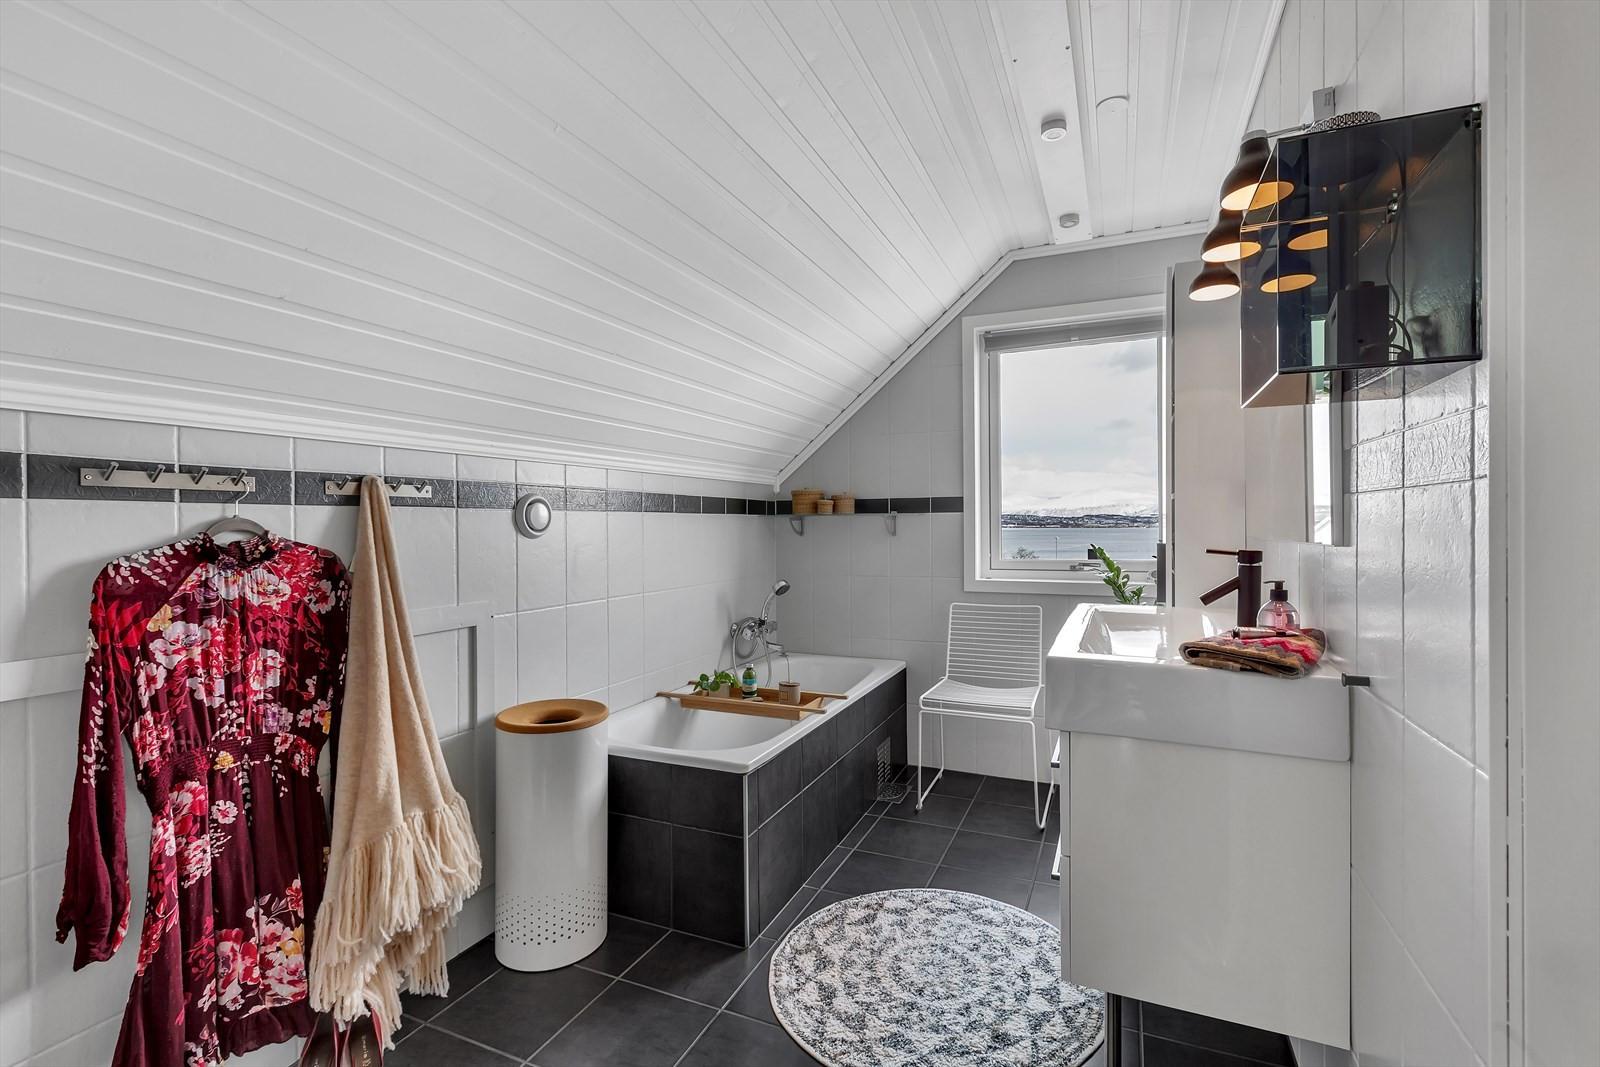 Fint bad med fliser på gulv og vegger